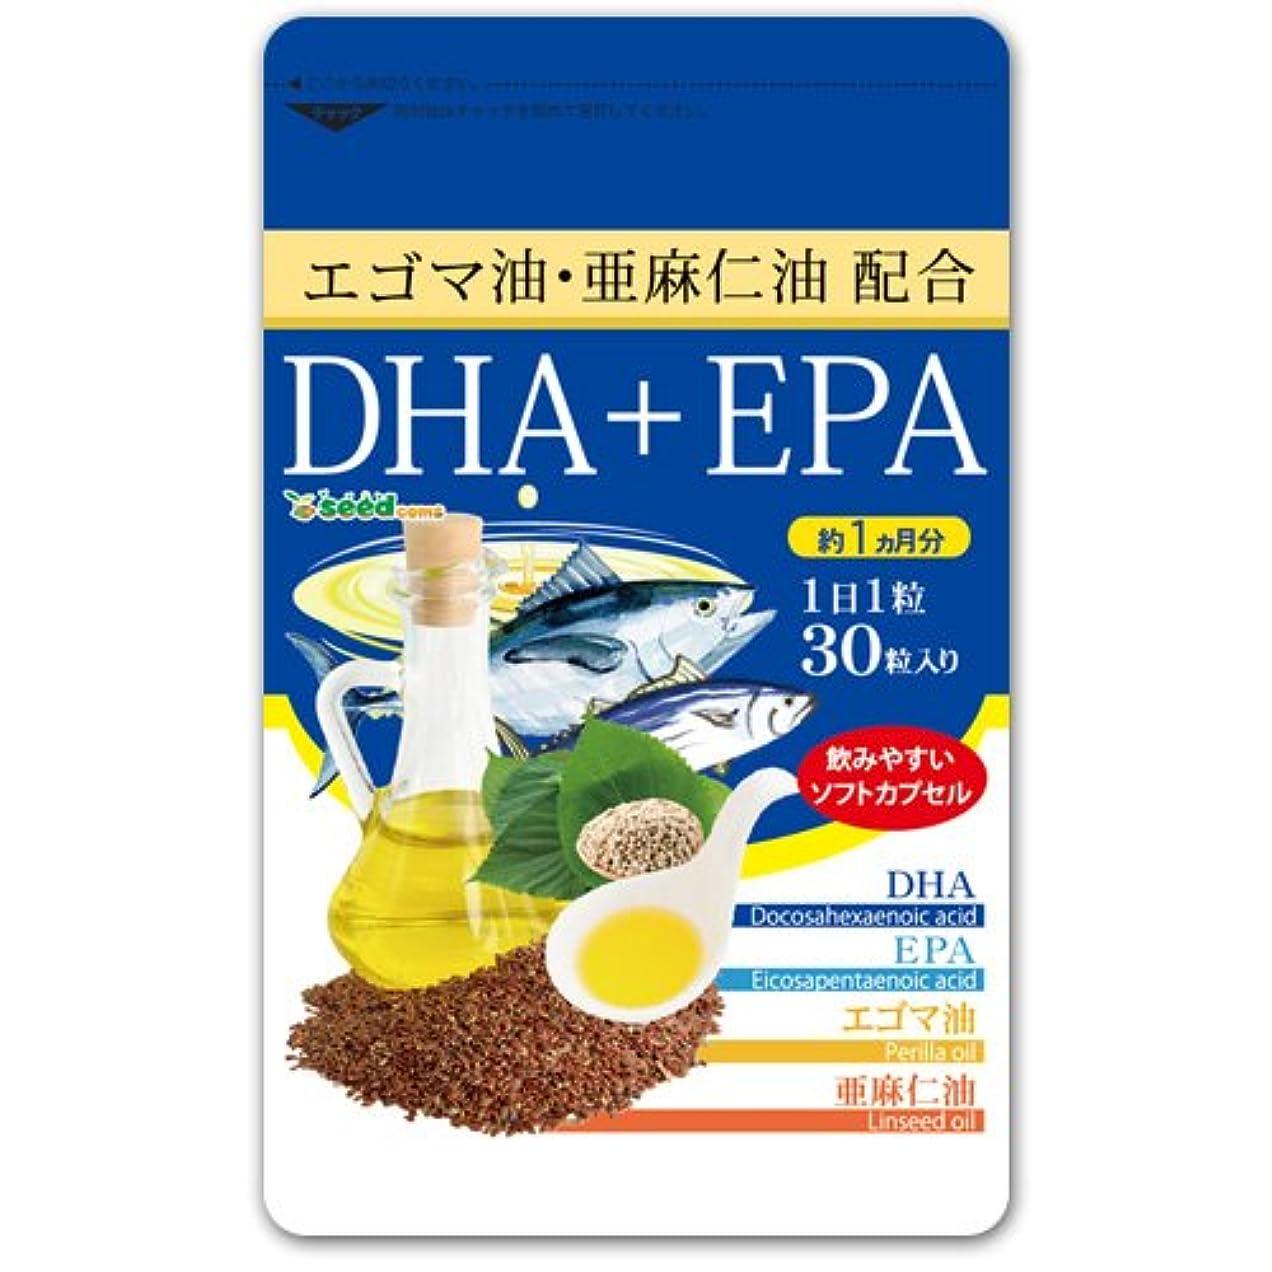 アラビア語科学者モート亜麻仁油 エゴマ油配合 DHA+EPA (約1ヶ月分/30粒)